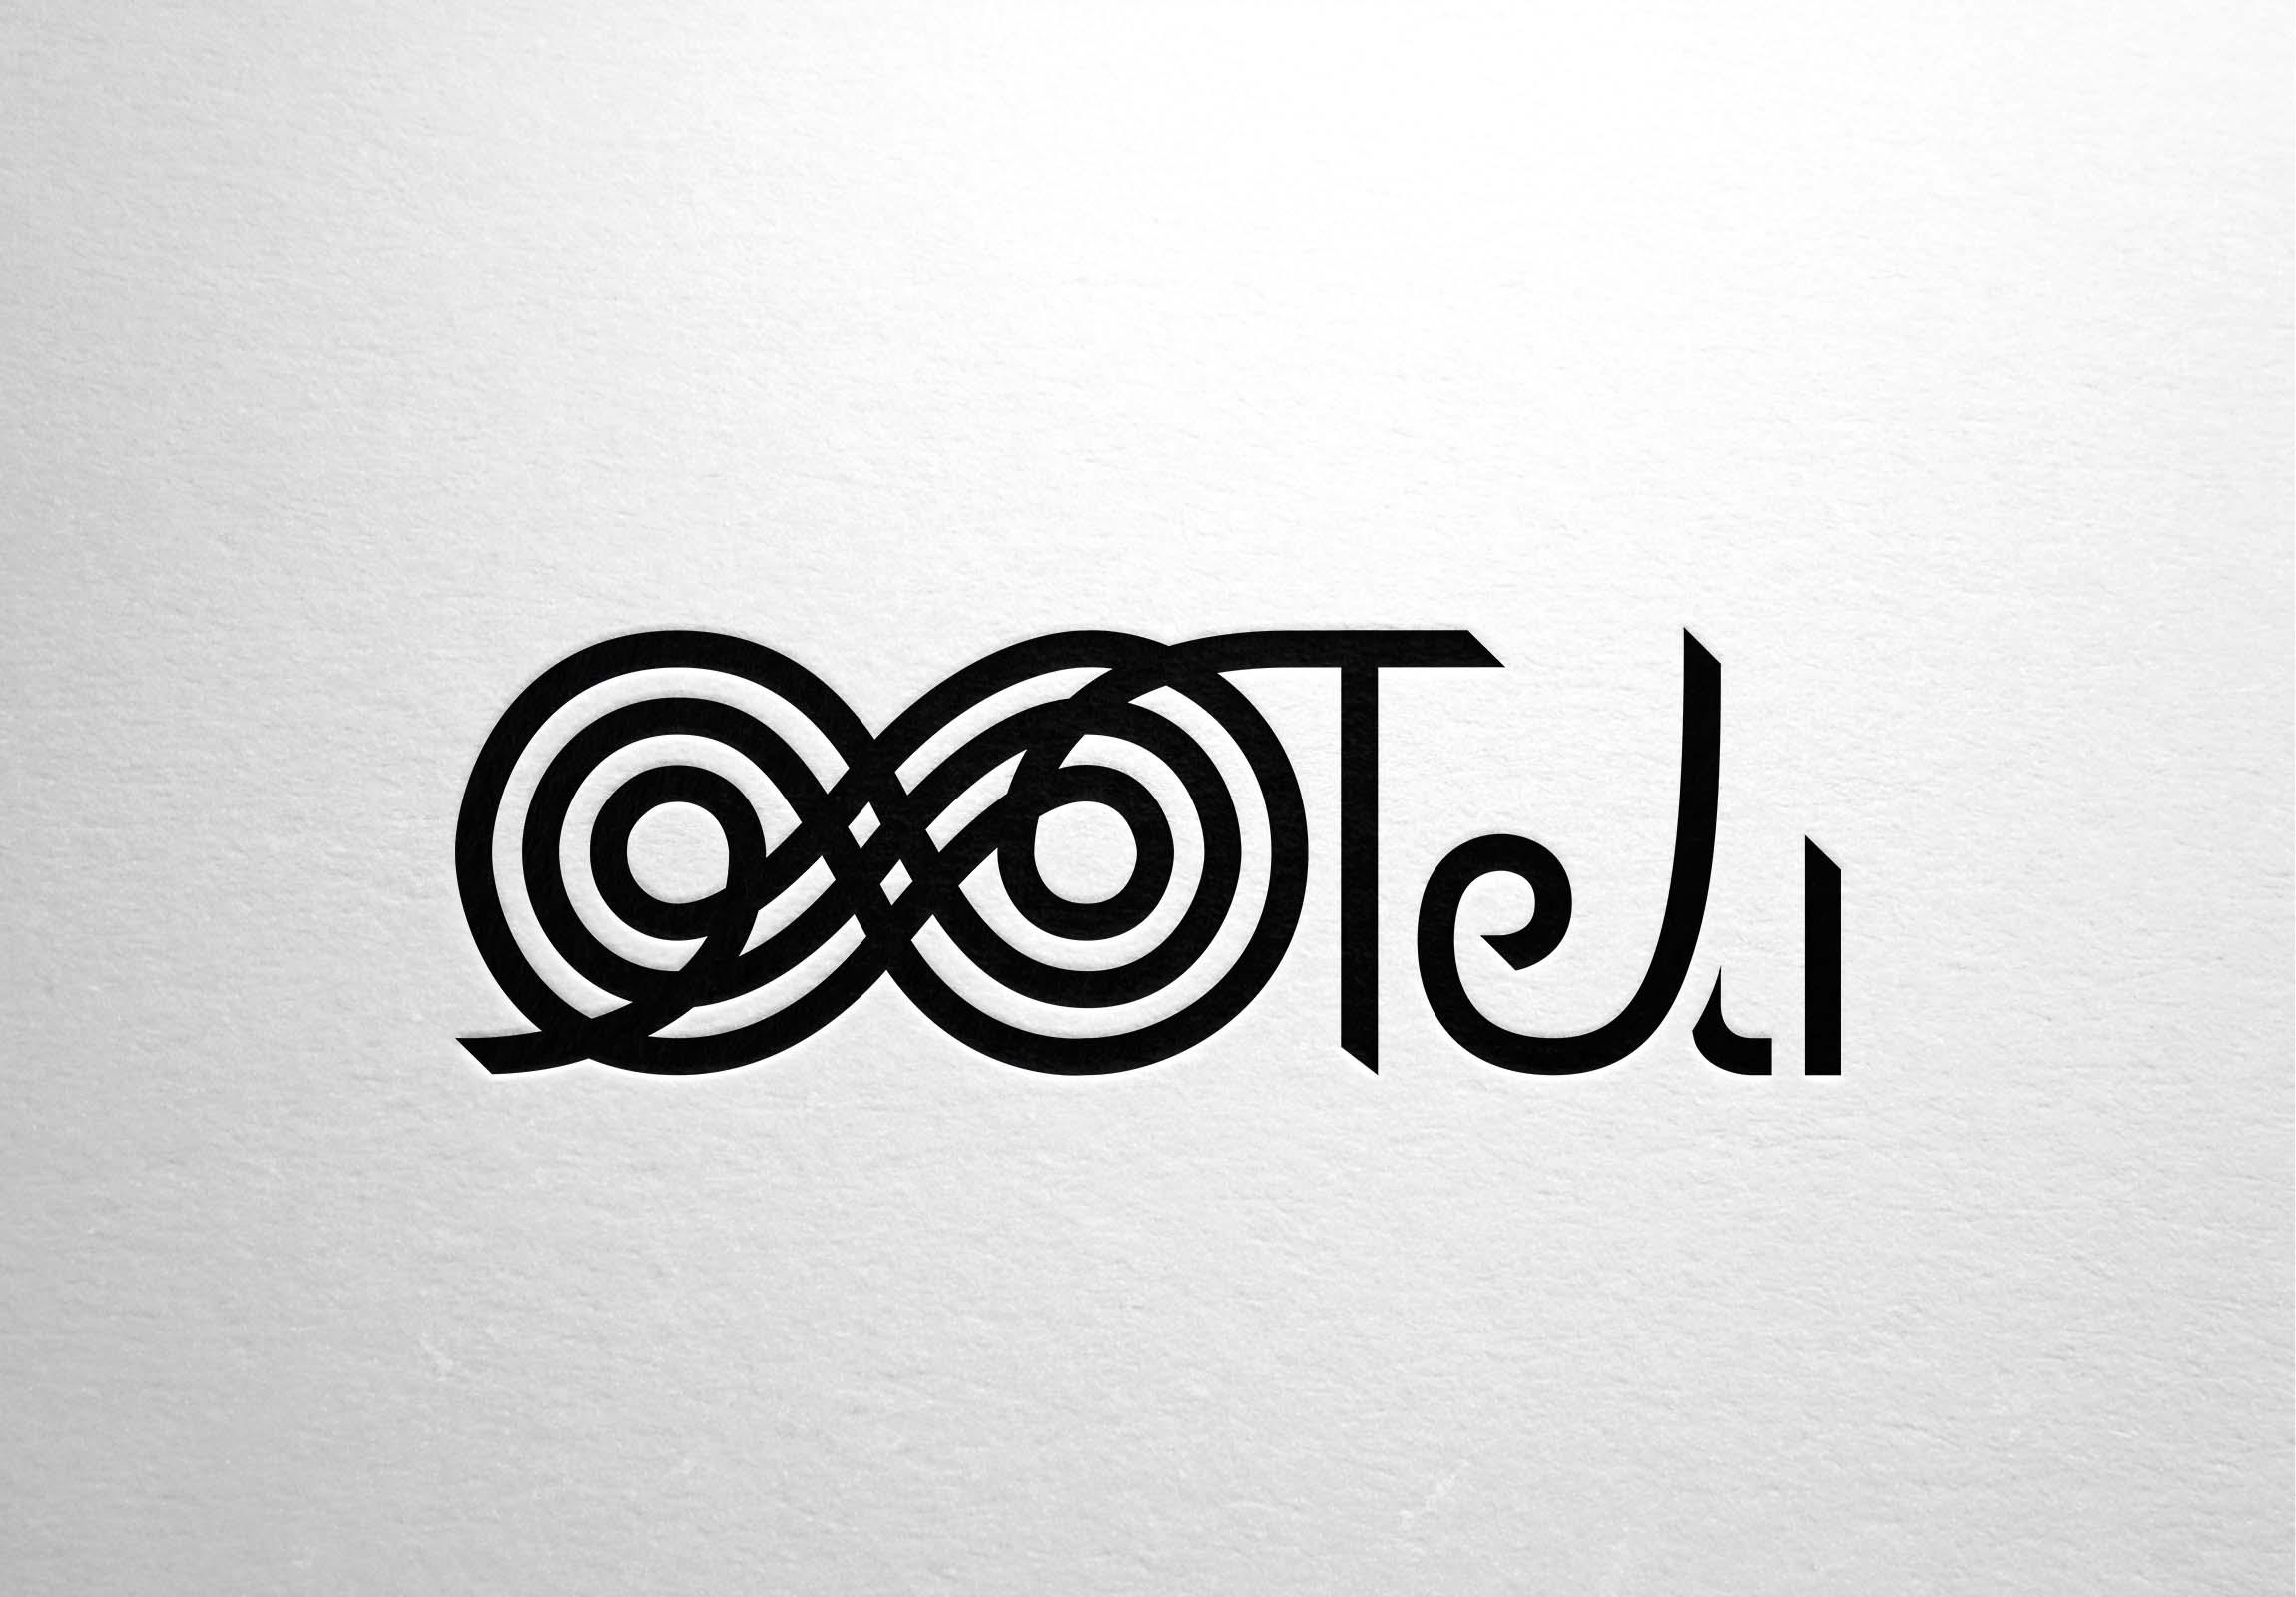 Разработка логотипа и фирменного стиля фото f_38858fdf6b814b1f.jpg